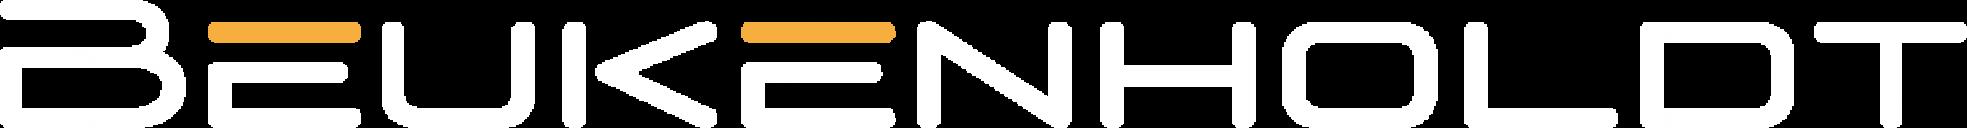 maatwerk meubilair – interieur ontwerp – productie